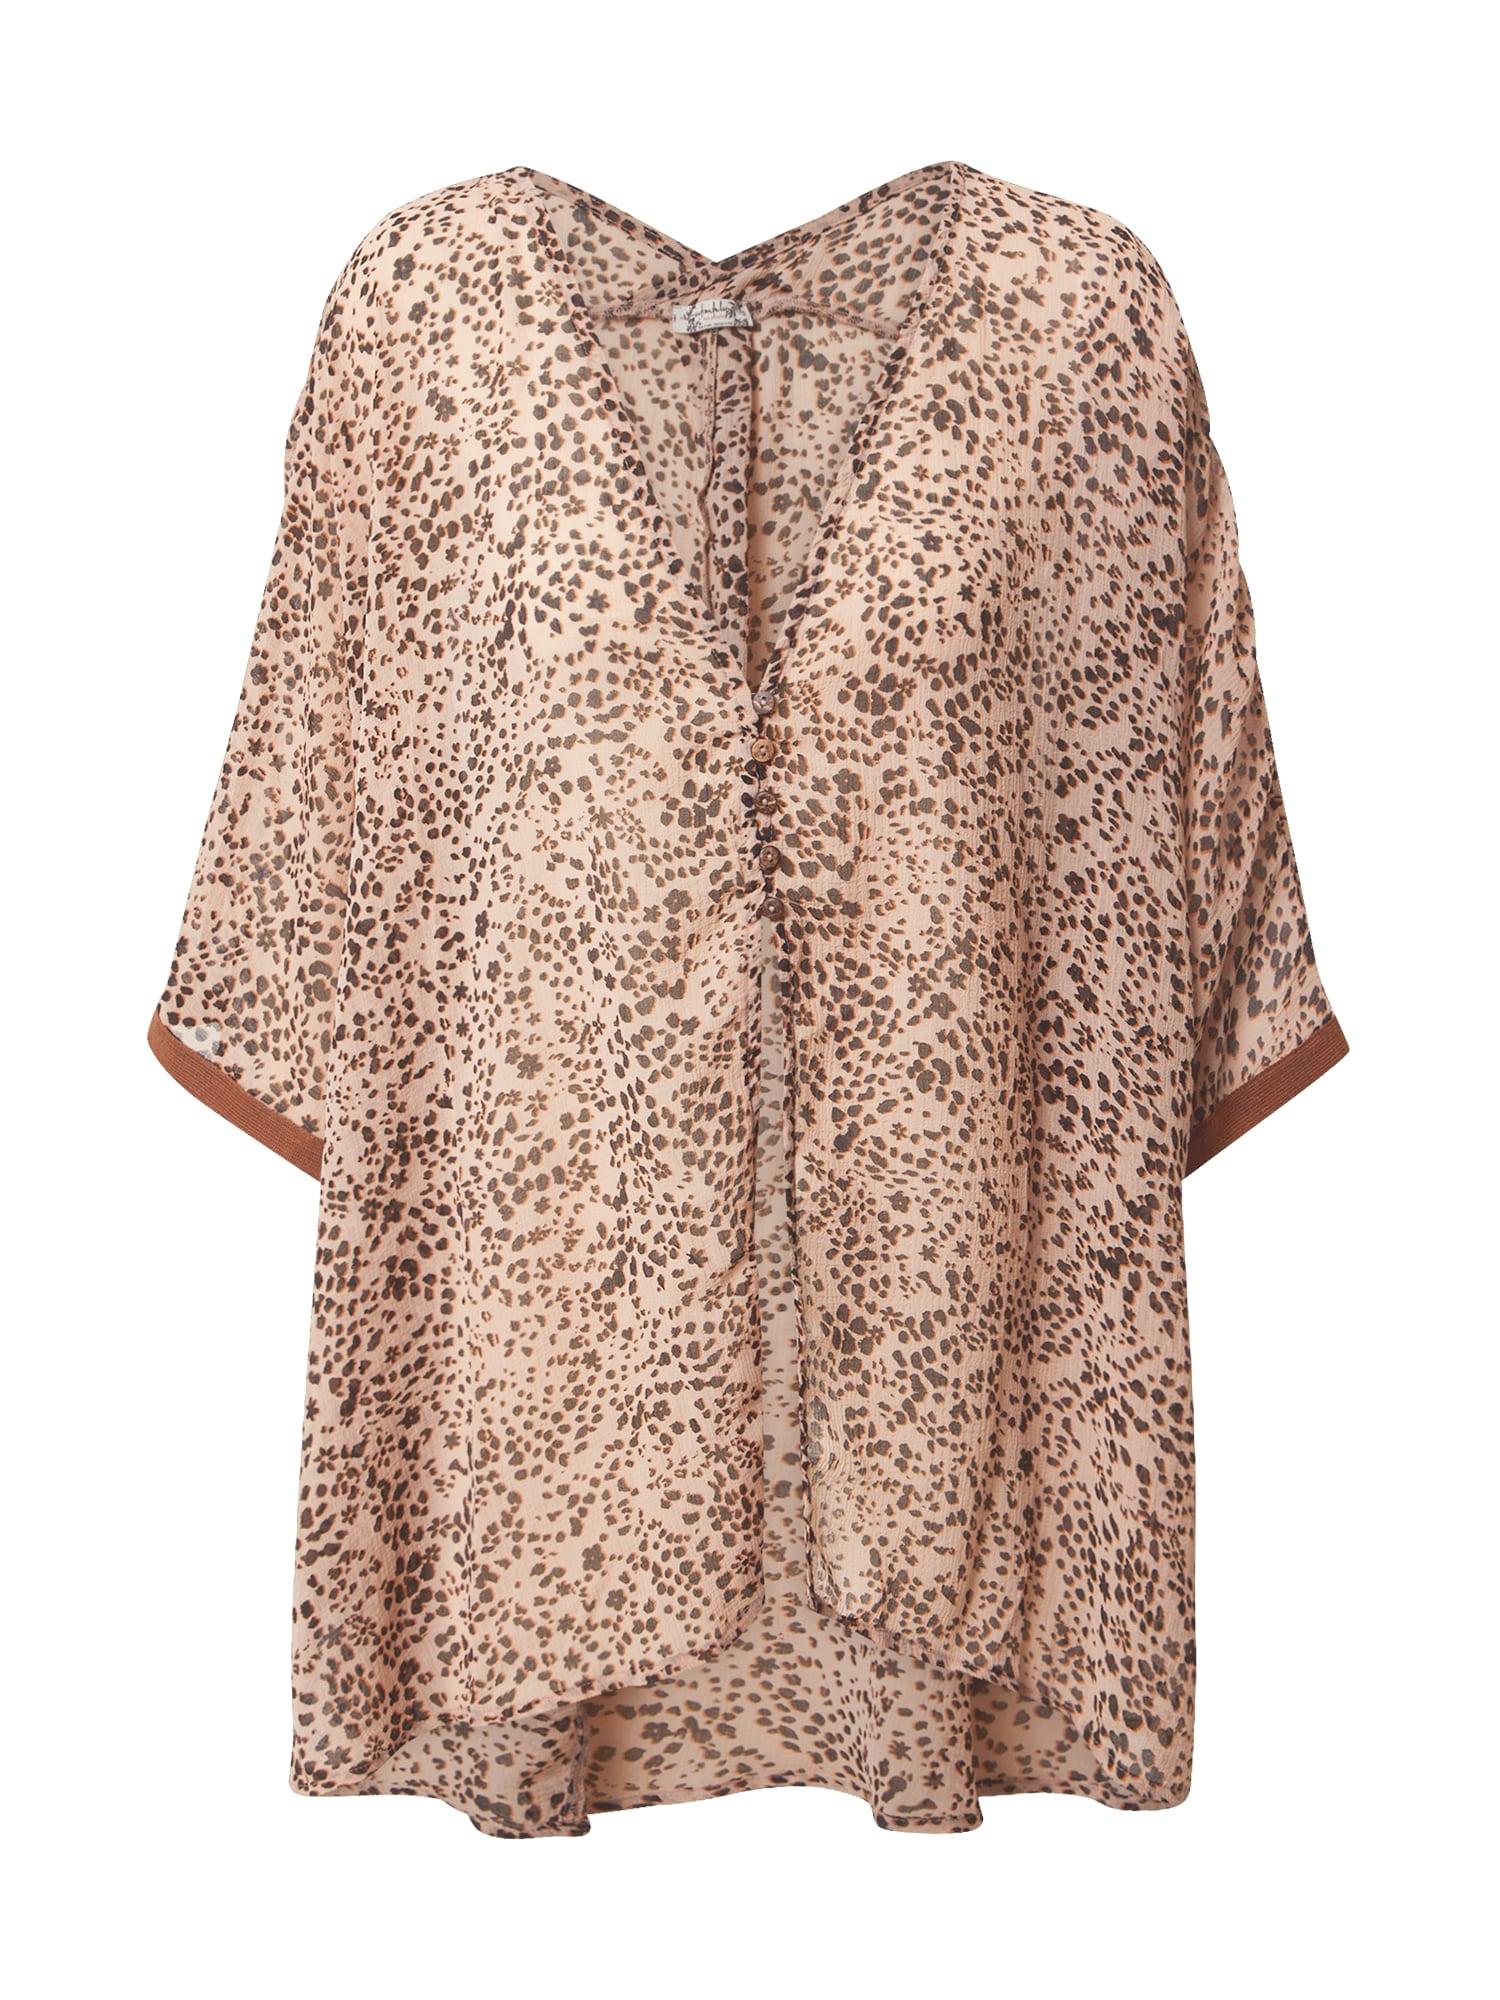 Free People Pižaminiai marškinėliai ruda / smėlio / zomšos spalva